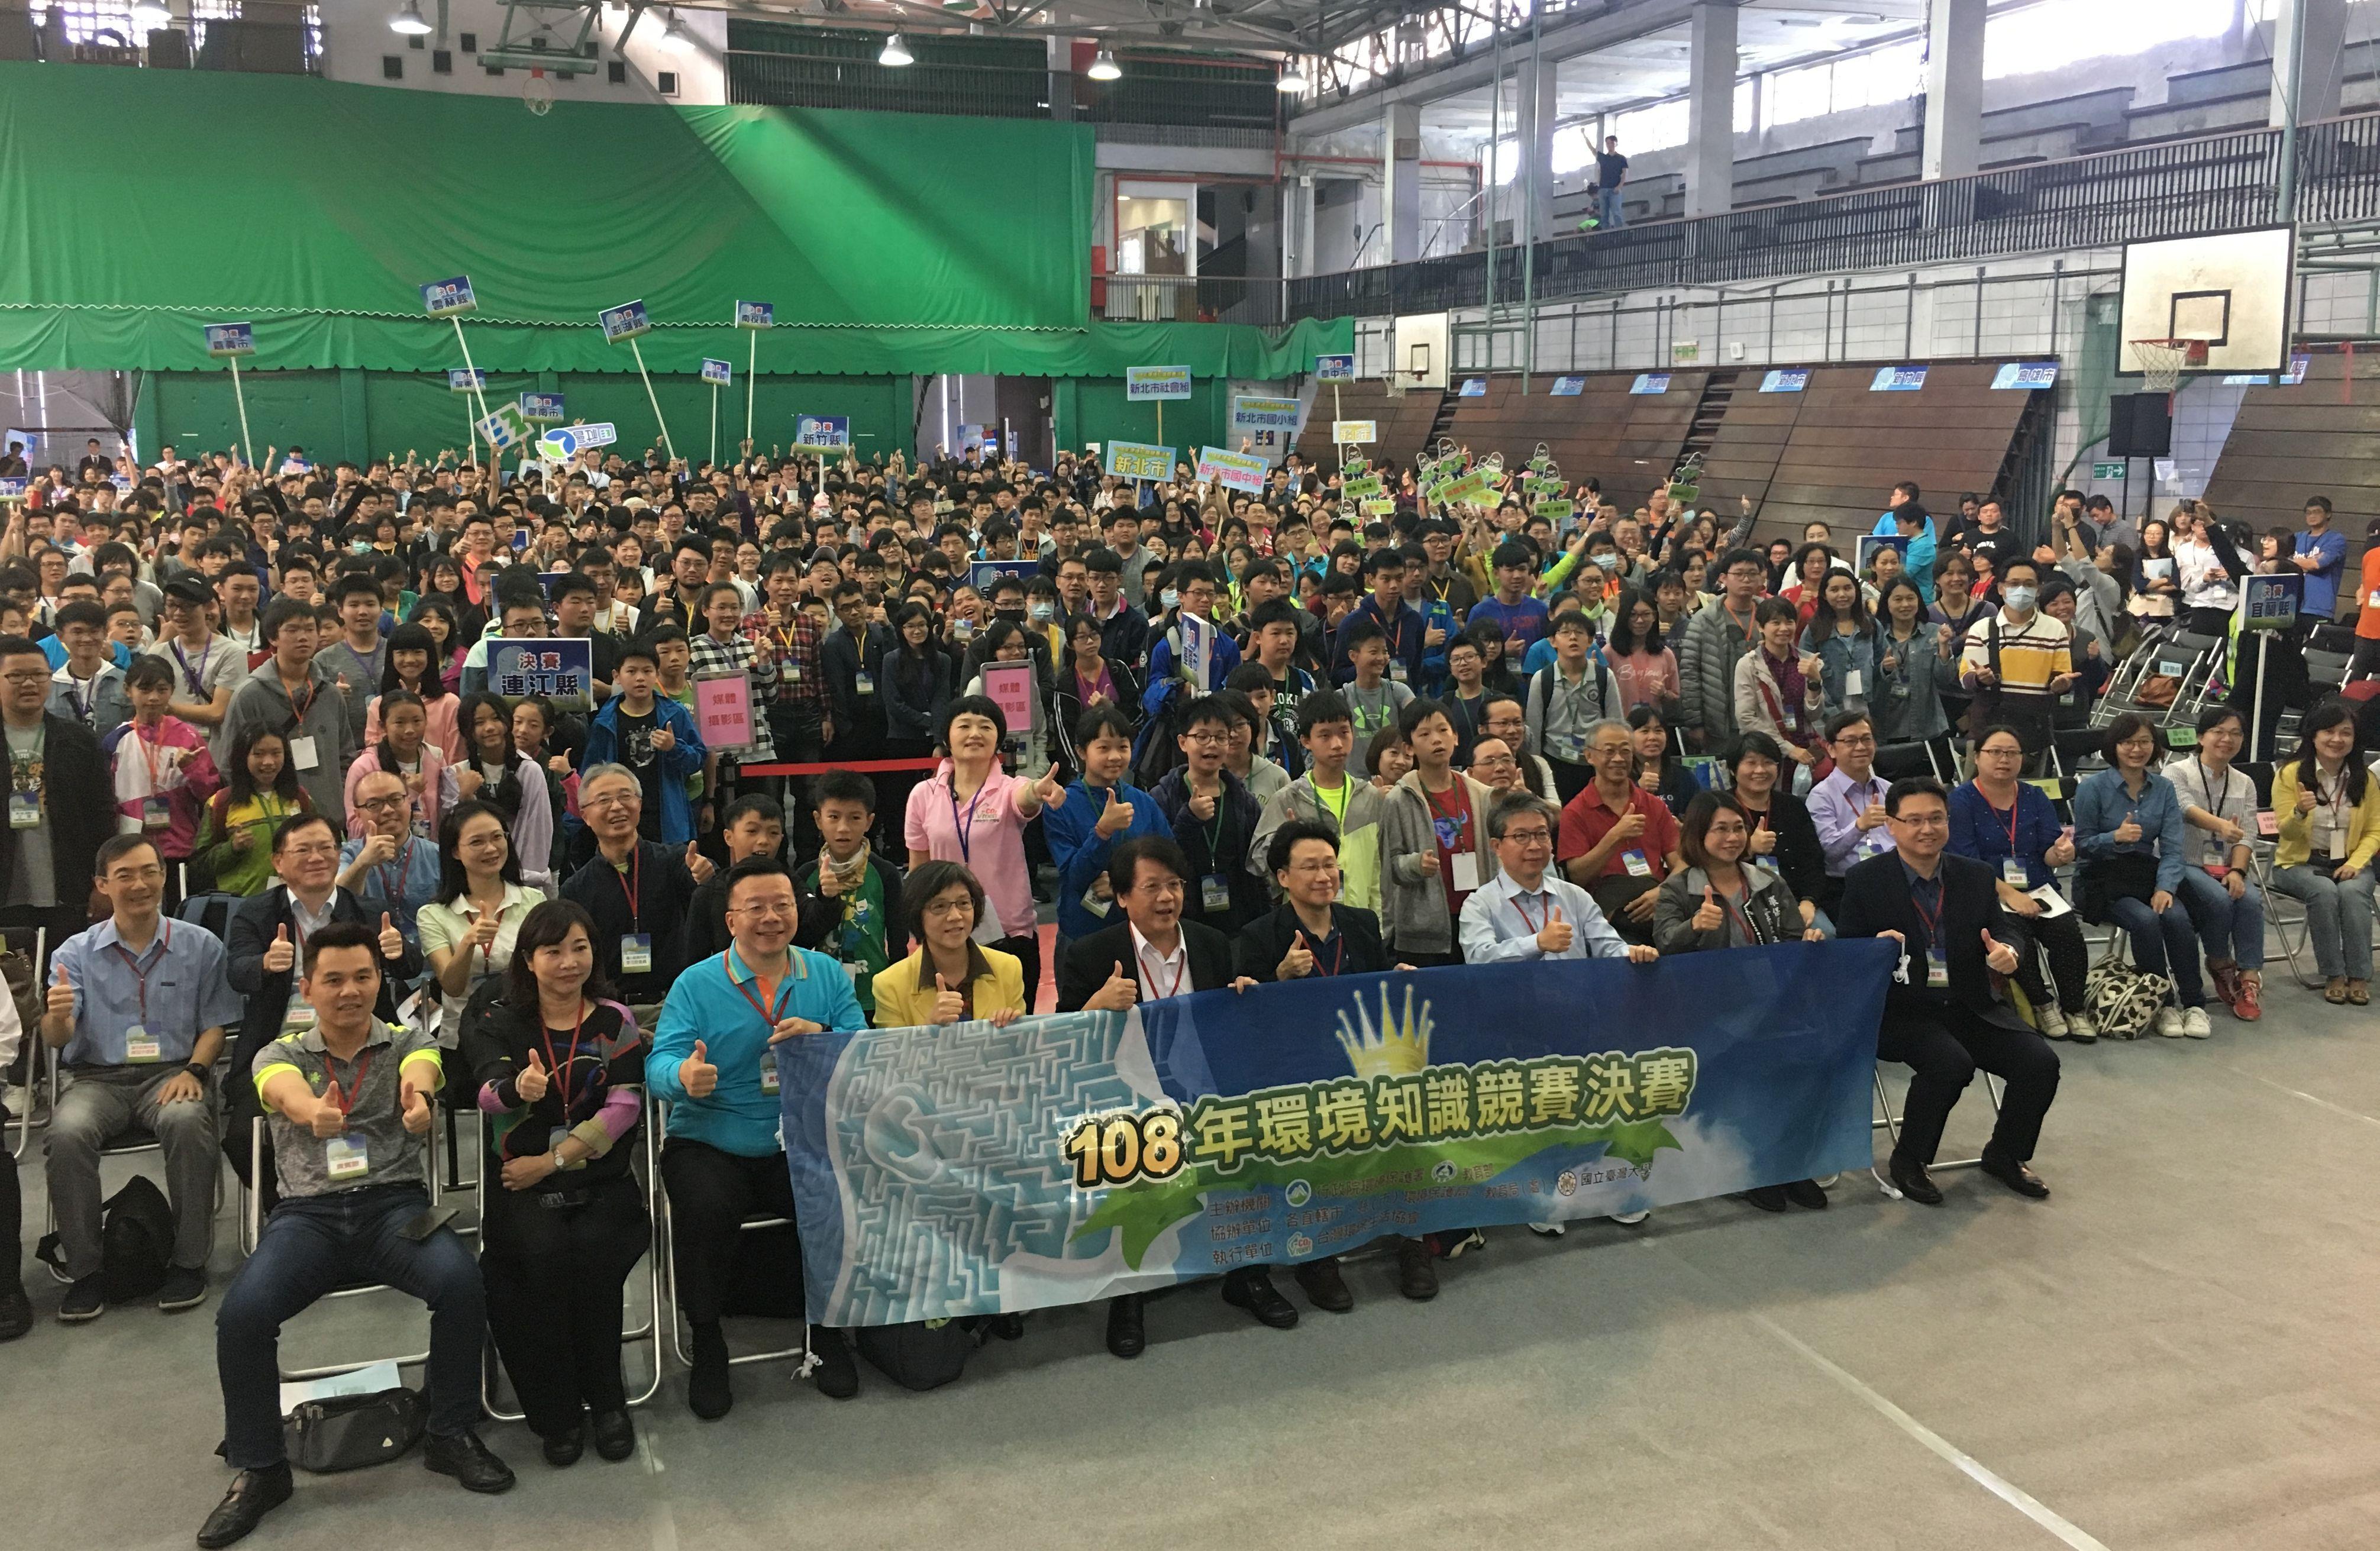 108年環境知識競賽現場照片03_大圖